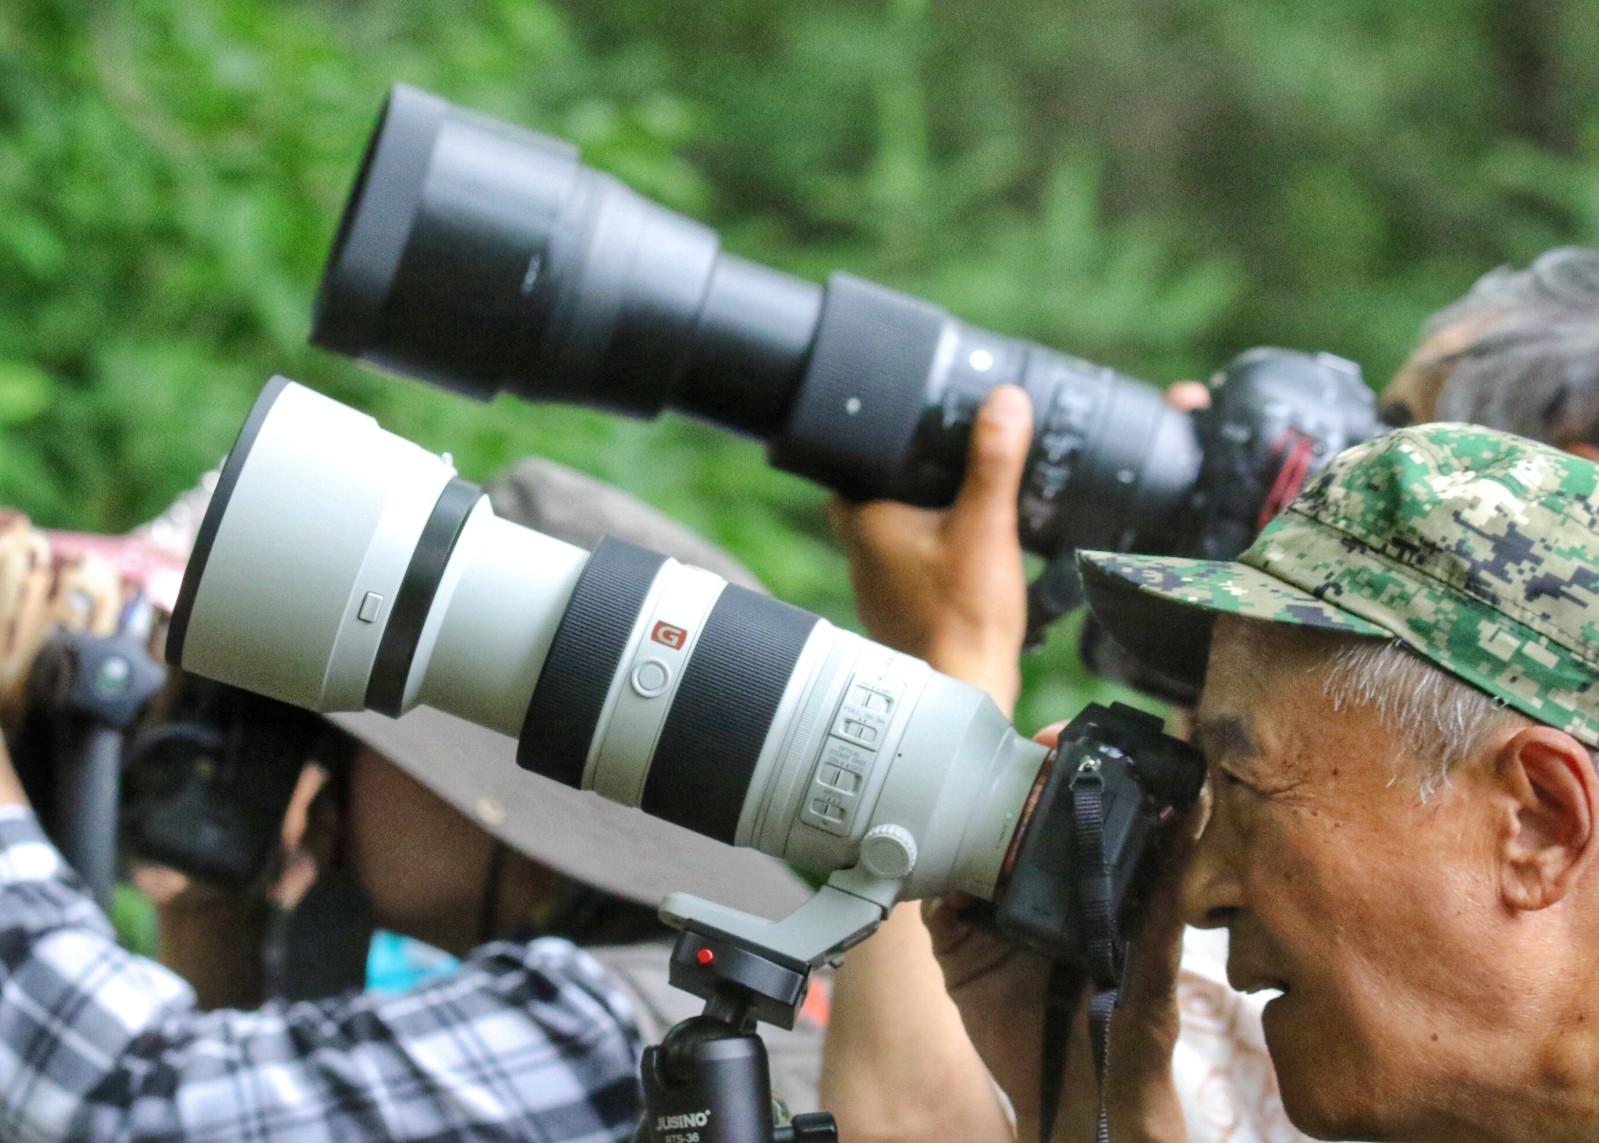 7月,各种候鸟进入育雏期。在哈尔滨市太阳岛湿地、呼口湿地、外滩湿地、一湖三岛湿地、阿勒锦岛国家湿地公园以及兆麟公园等地,经常能看到成群结队手持长焦镜头的拍鸟人守在一处处绿荫下,拍戴胜、鸳鸯、中华攀雀、凤头䴙䴘等候鸟跳巢、育雏的画面。